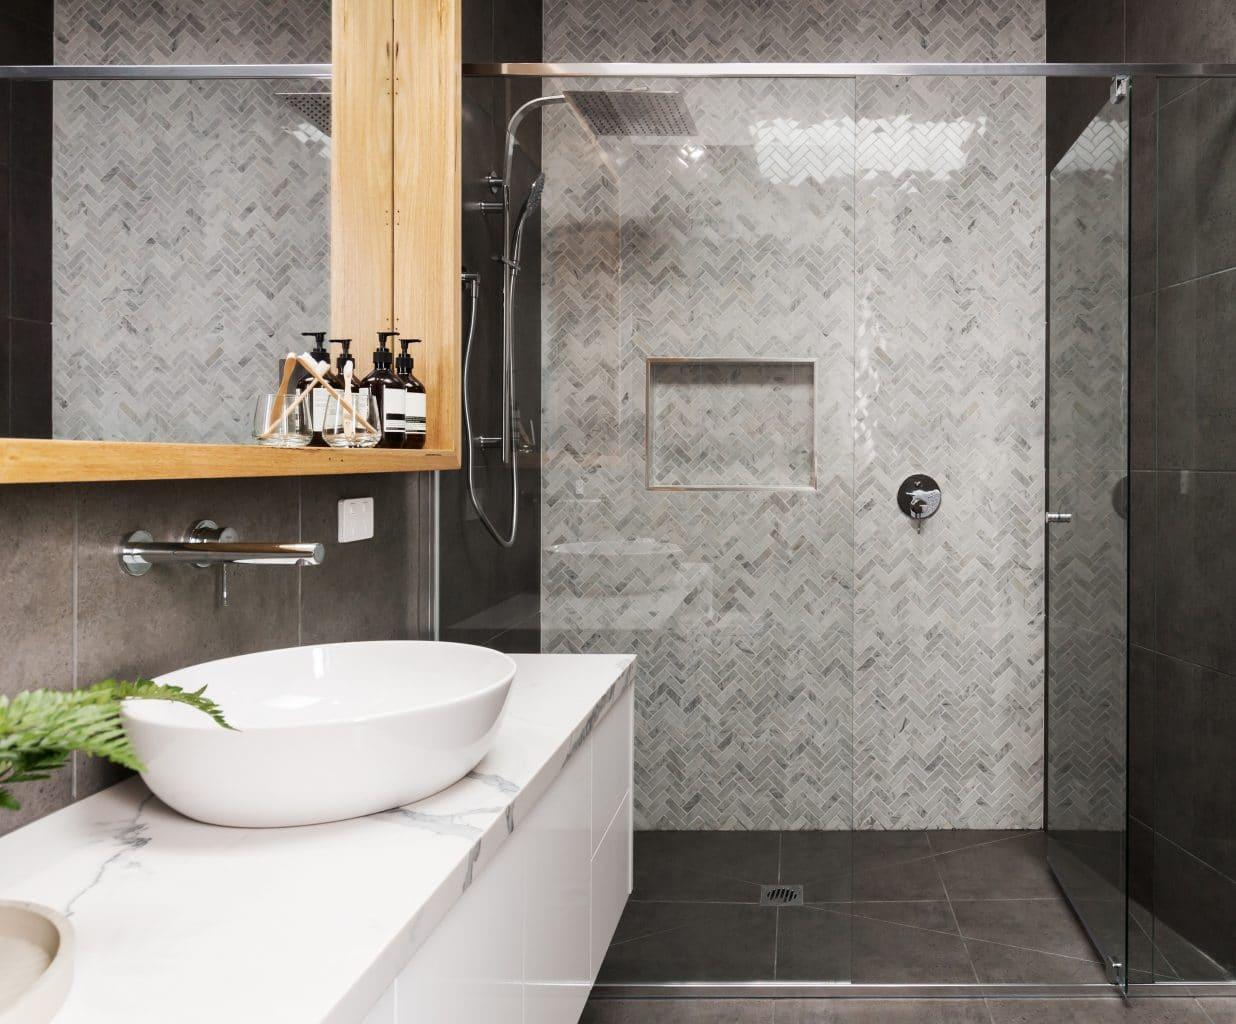 rénovation d'appartement à Tours - salle de bain par illiCO travaux